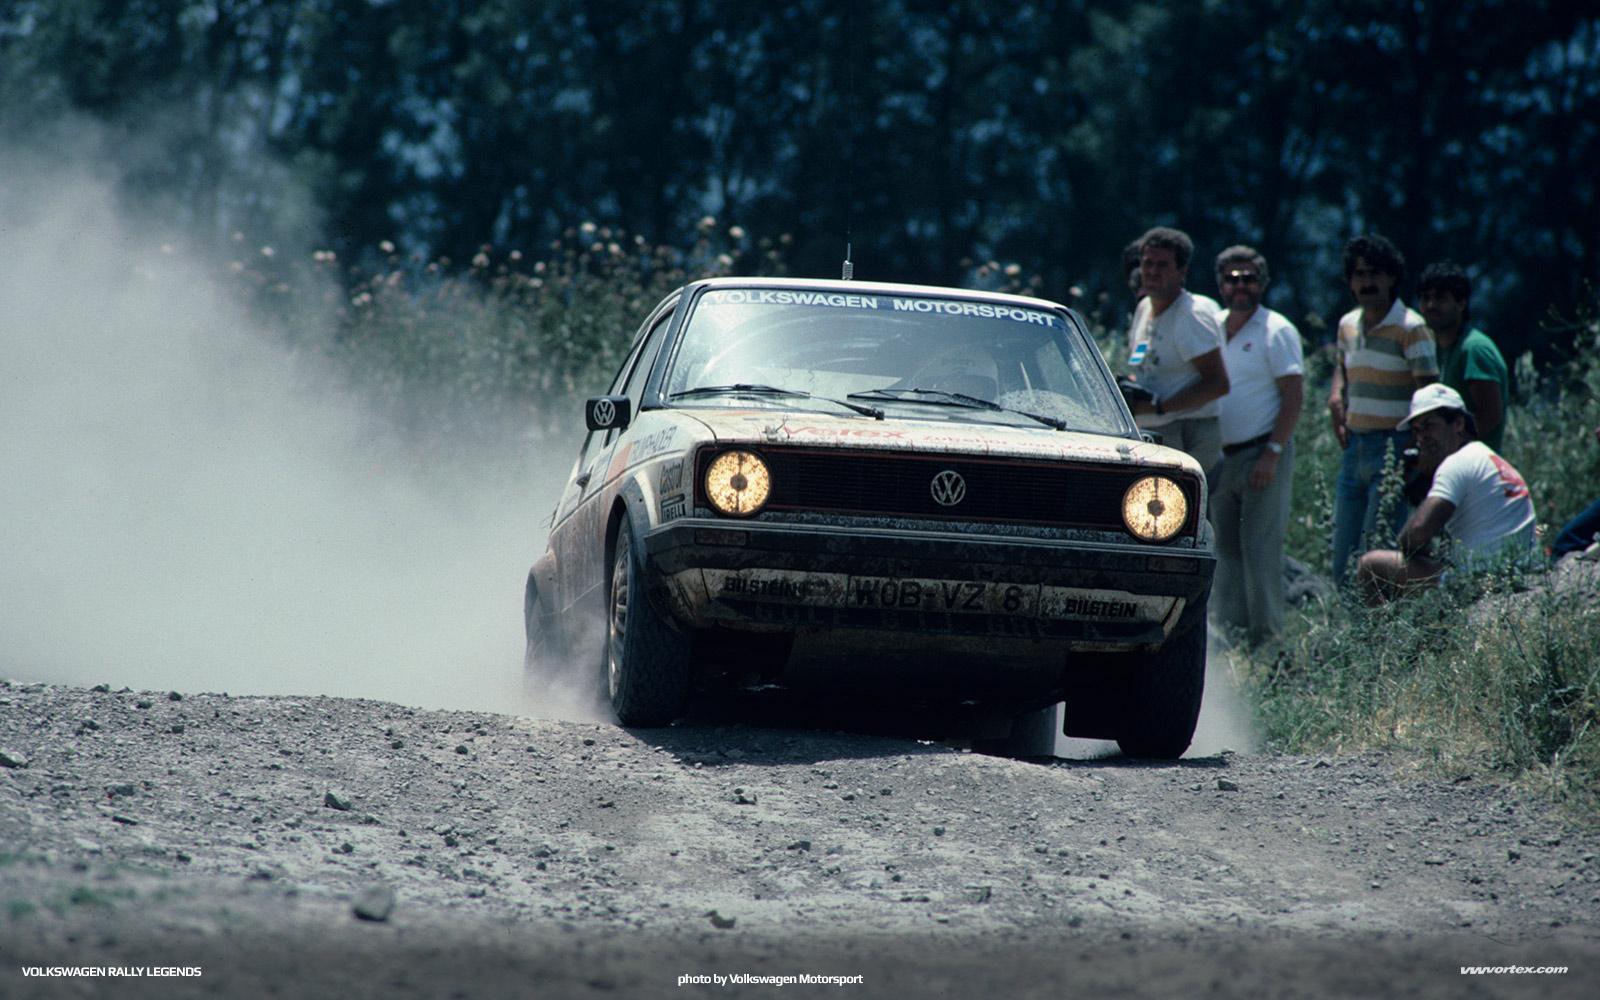 volkswagen-rally-legends-398